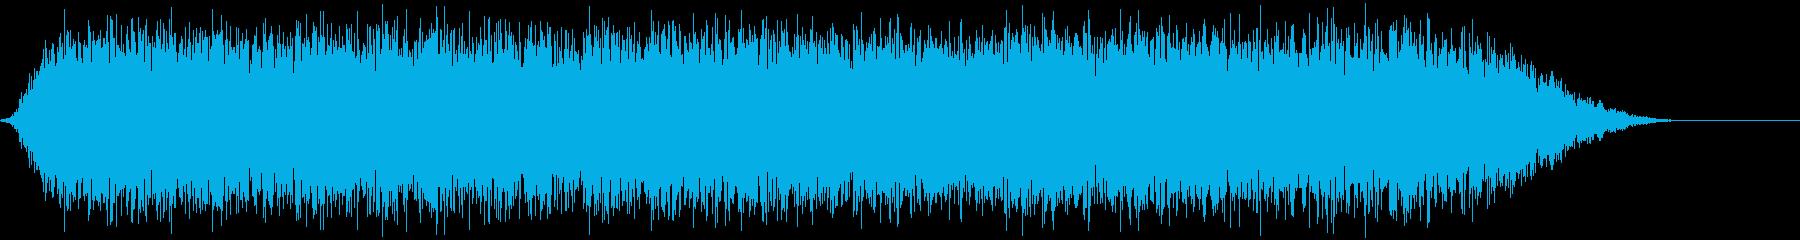 「ゴー」豪雨の再生済みの波形